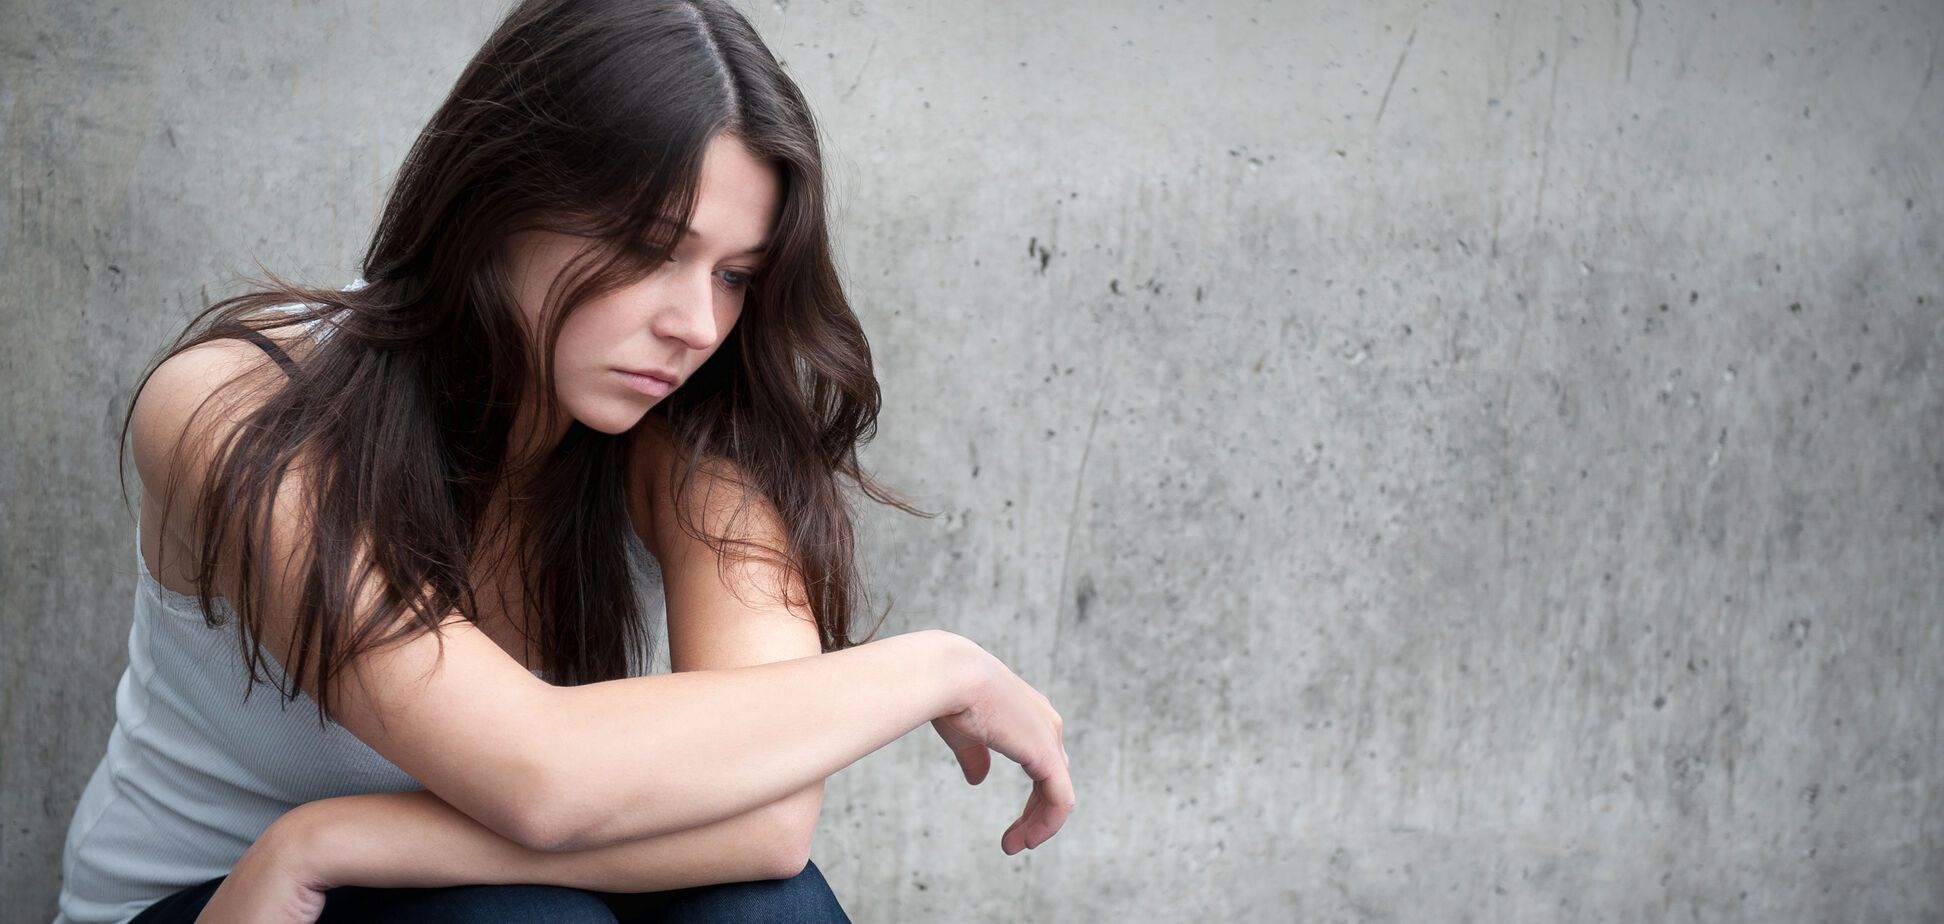 Разочарование при бесплодии: конец или начало